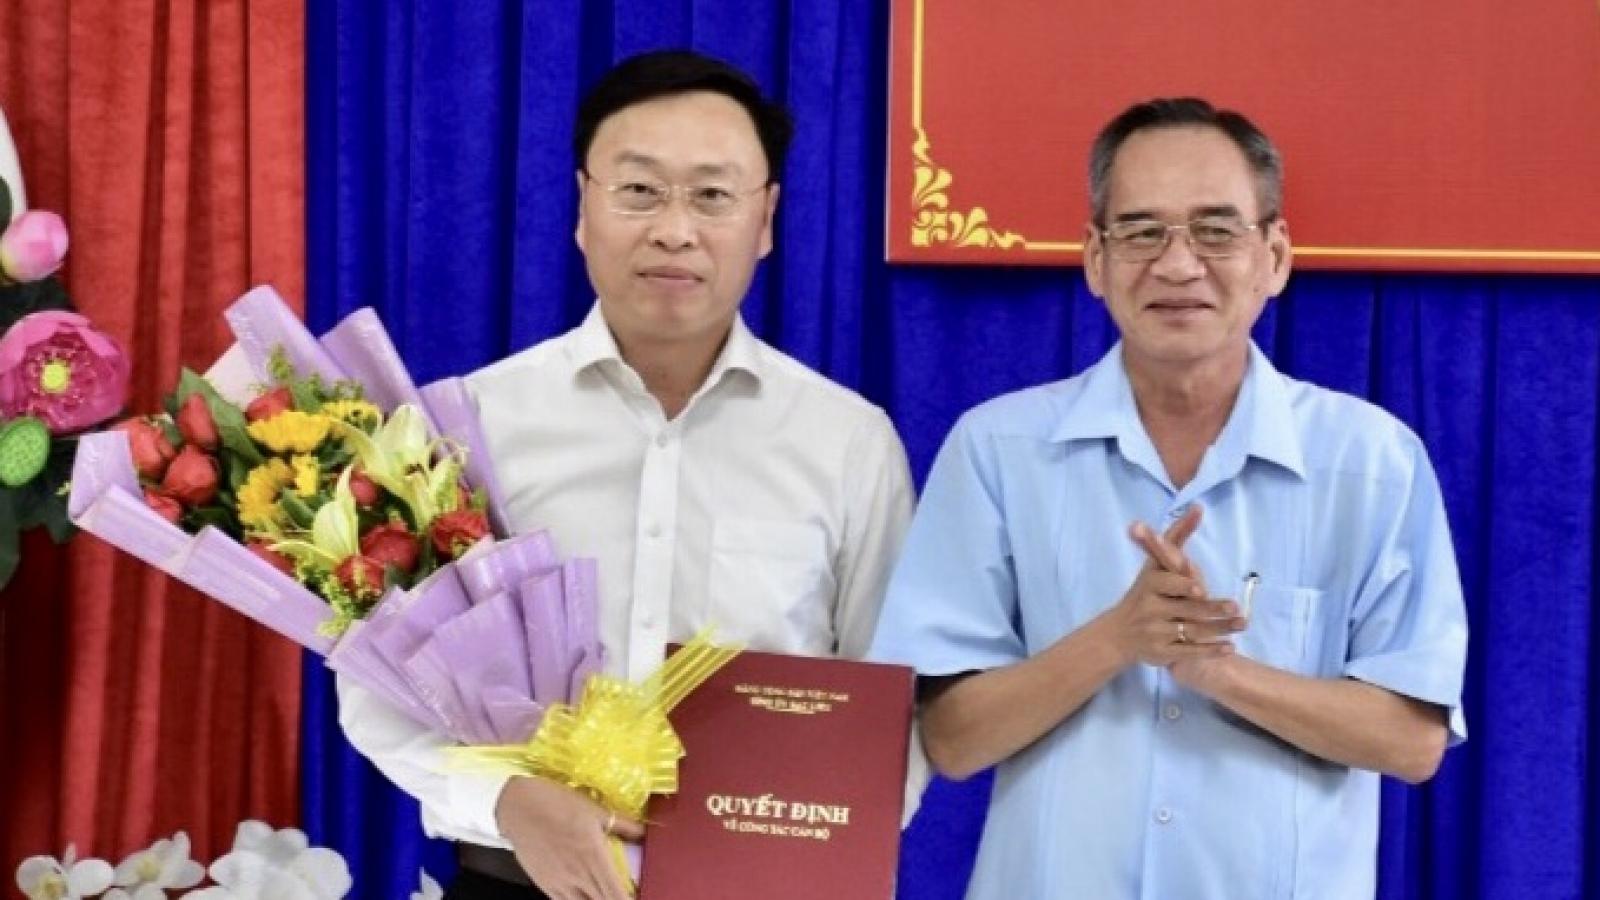 Ông  Huỳnh Hữu Trí được luân chuyển, chỉ định giữ chức Bí thư Thành ủy Bạc Liêu